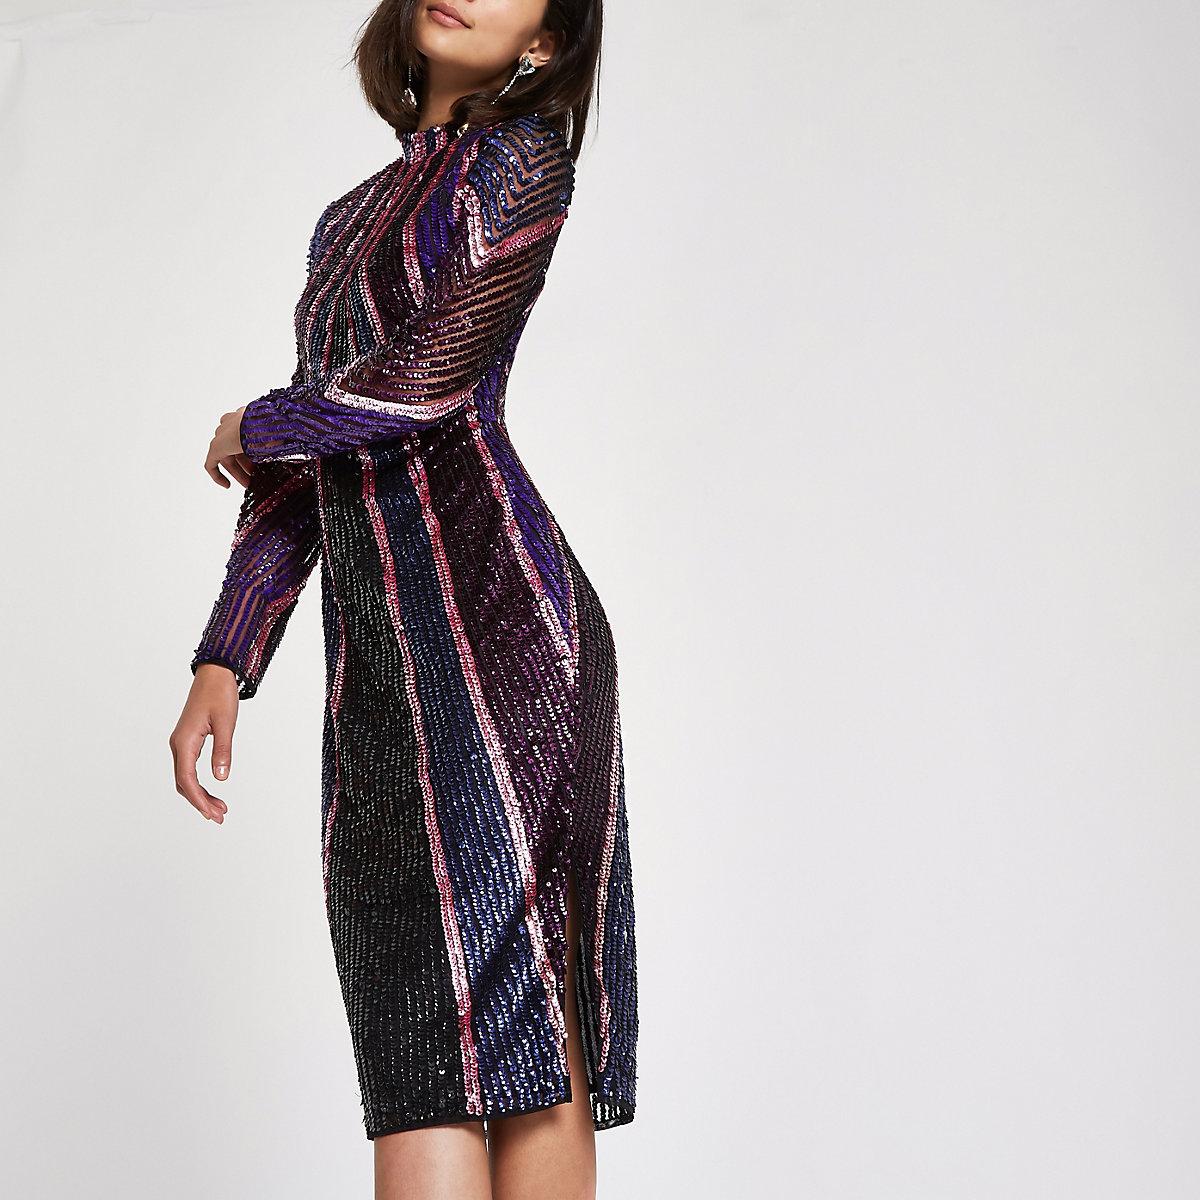 Bright purple sequin high neck bodycon dress